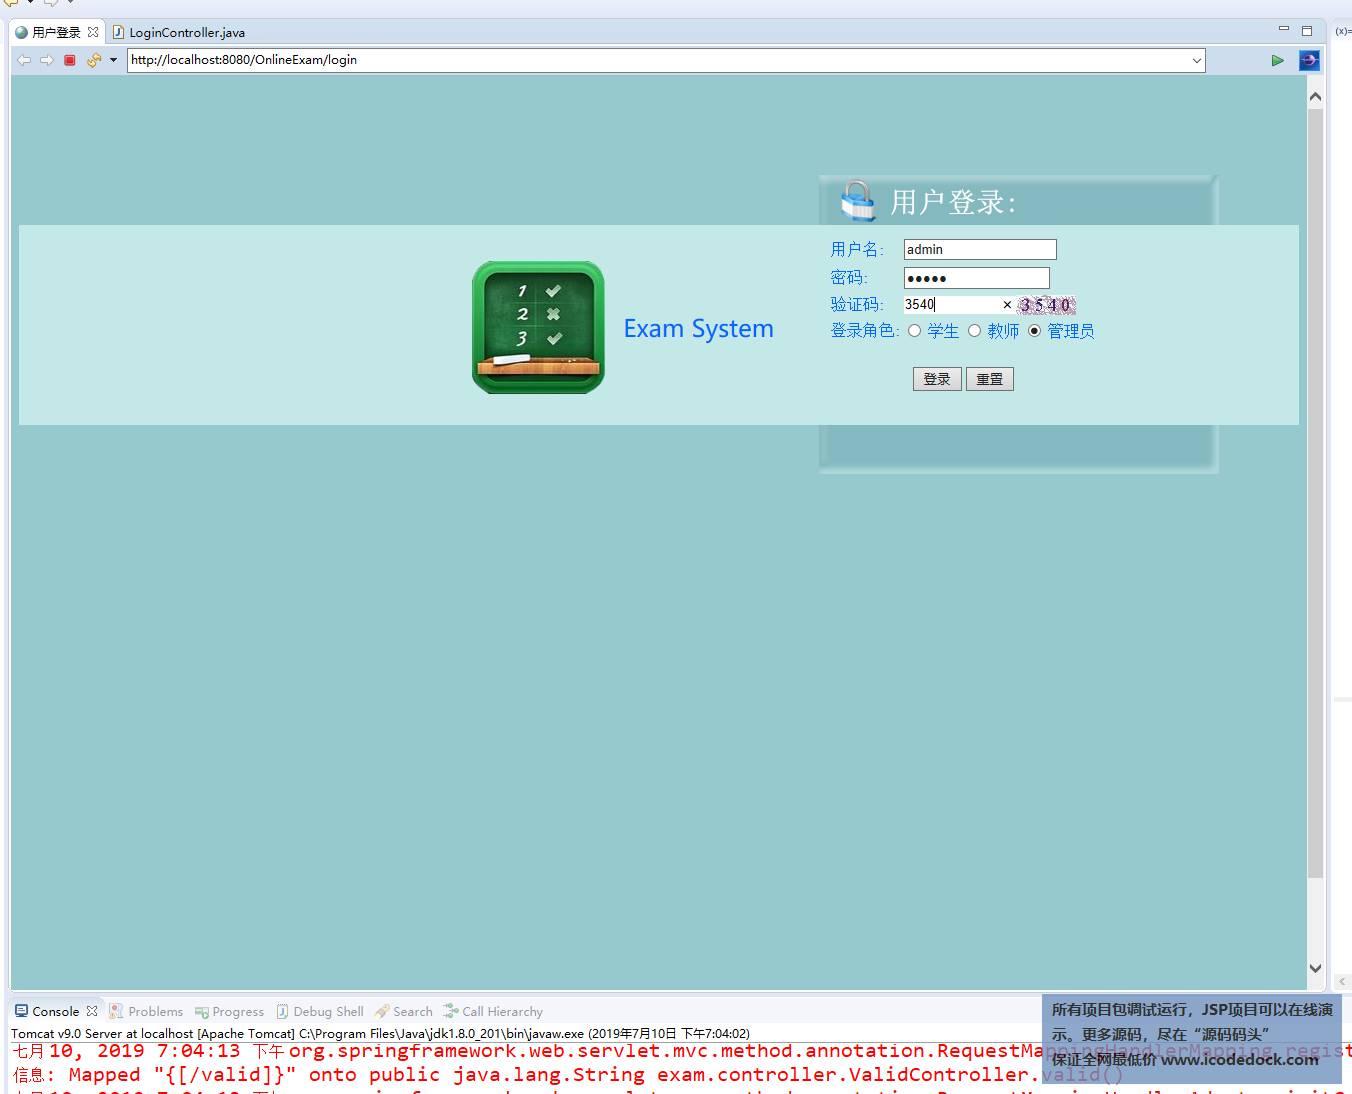 基于jsp+Spring+Spring MVC的Spring在线考试系统eclipse源码代码 - 源码码头